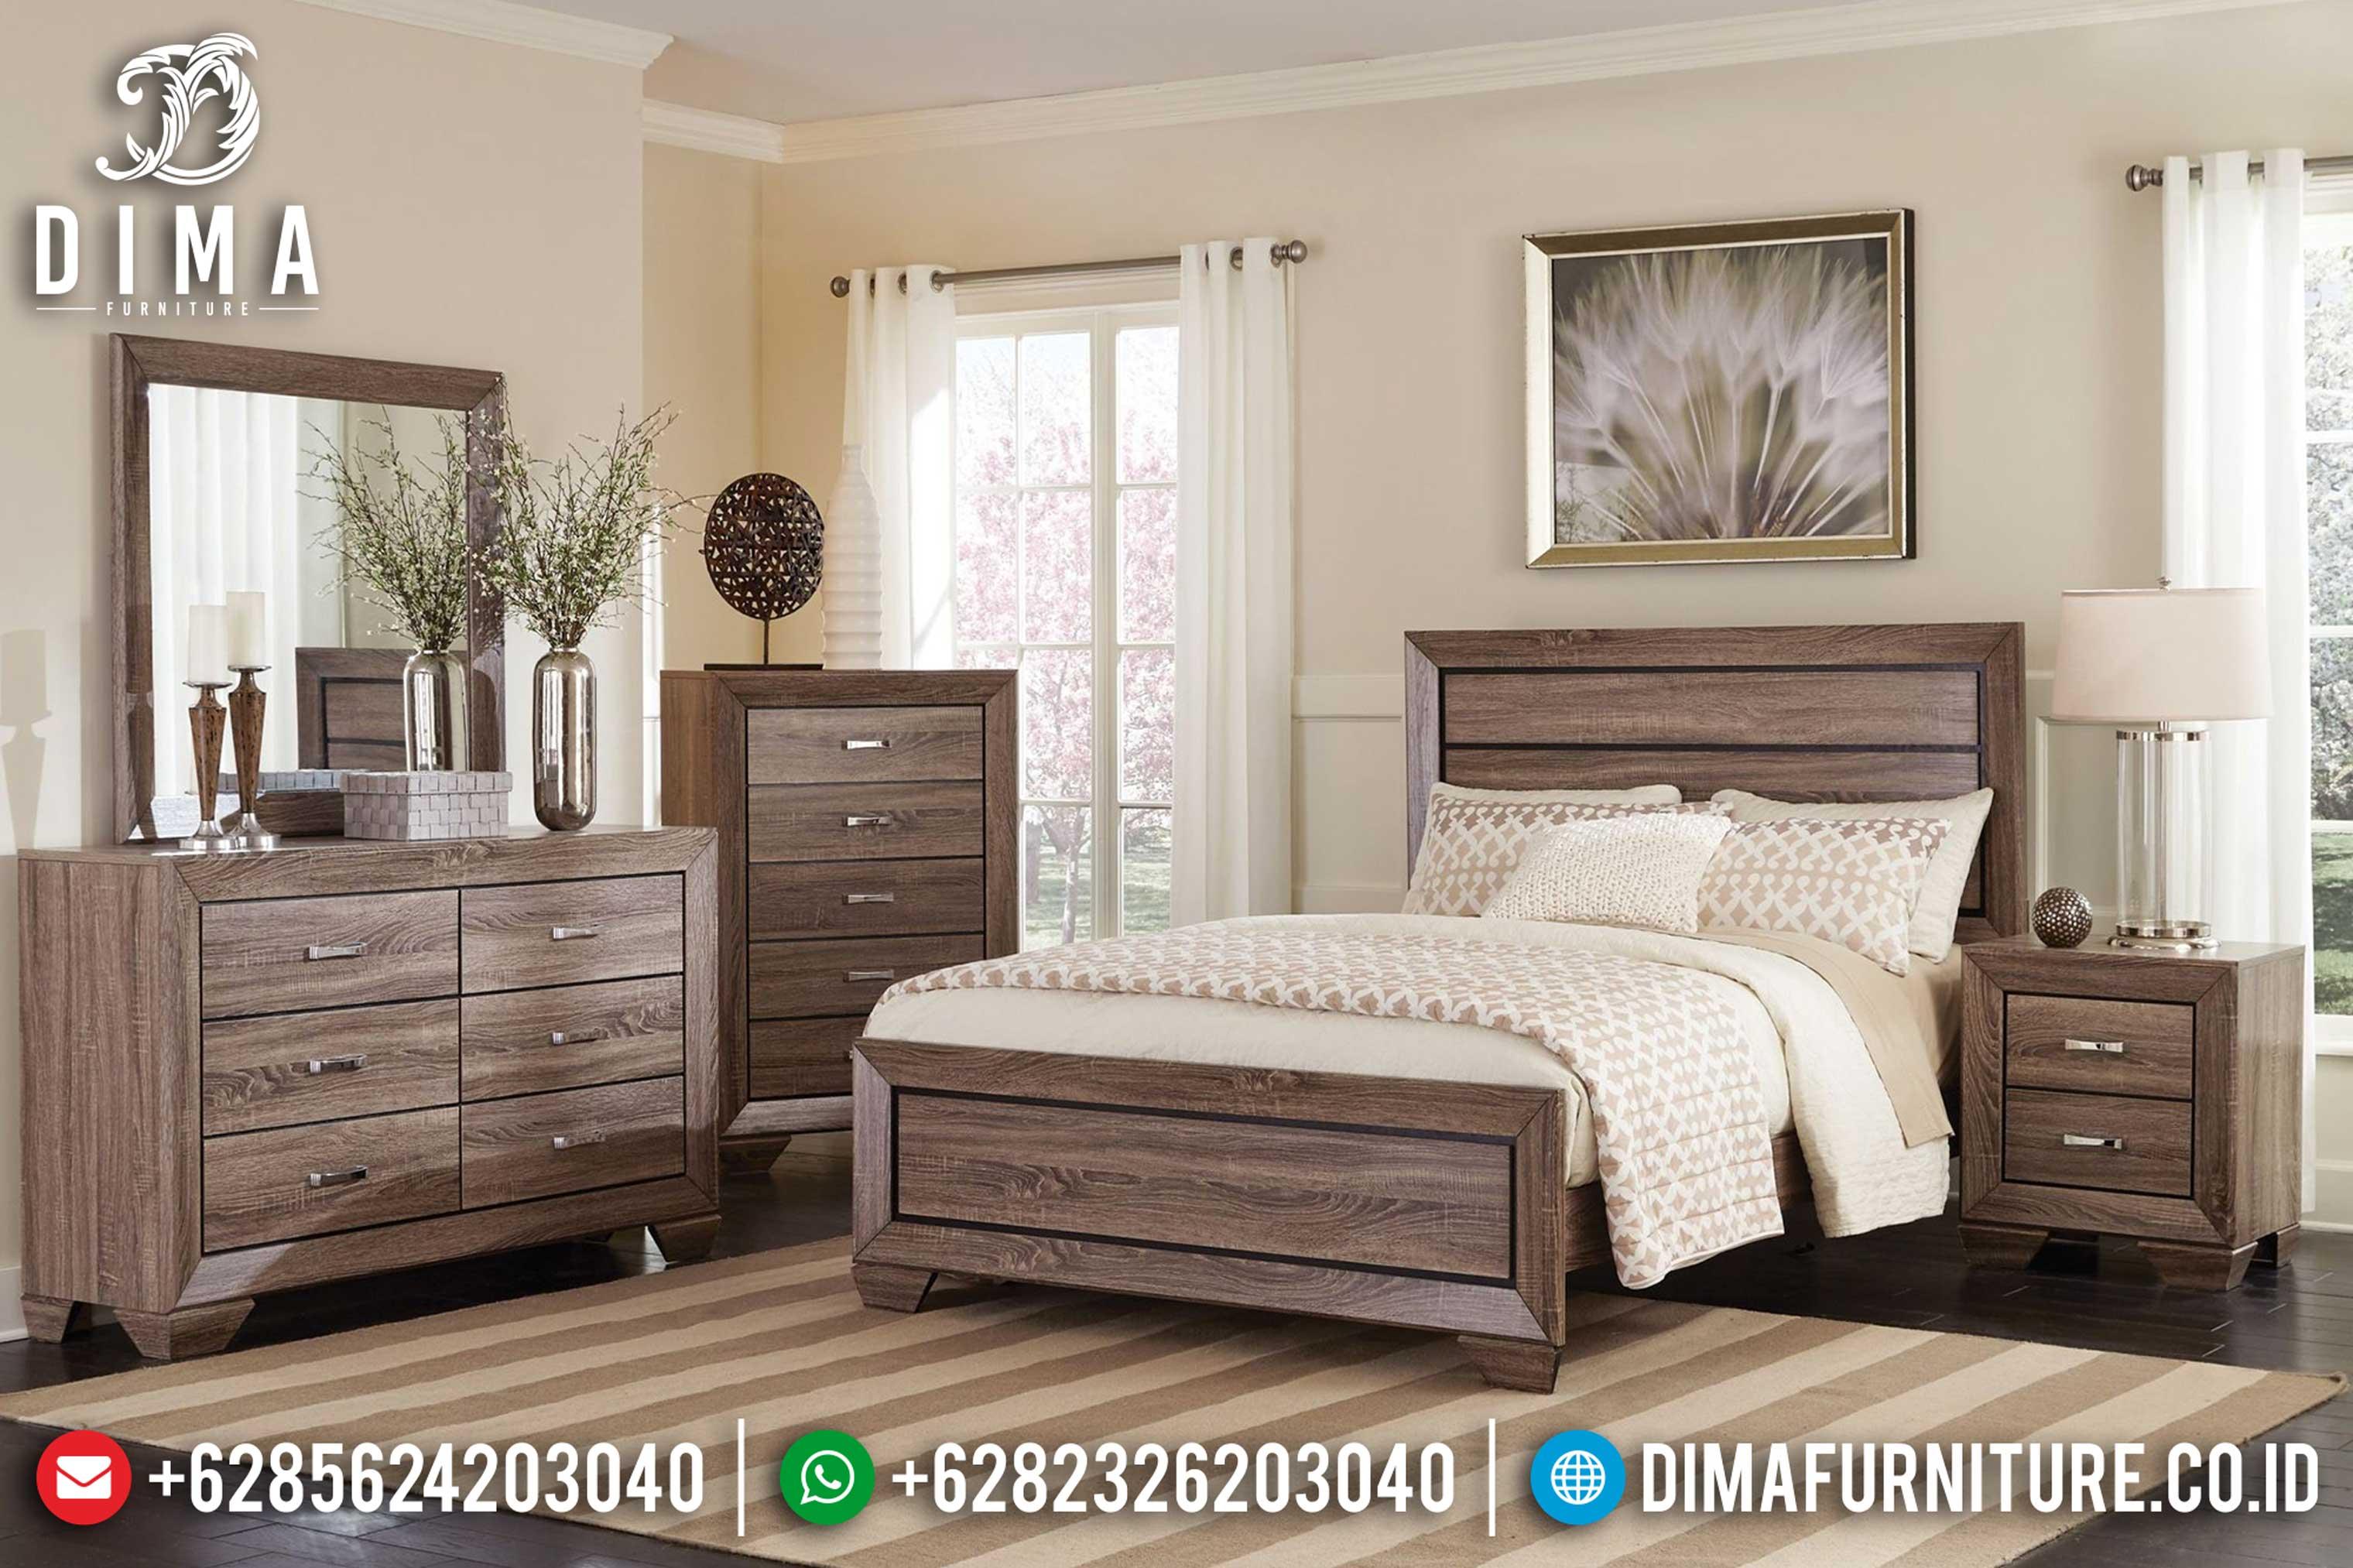 Kamar Set Minimalis, Tempat Tidur Jepara, Mebel Jepara Terbaru MM-0329